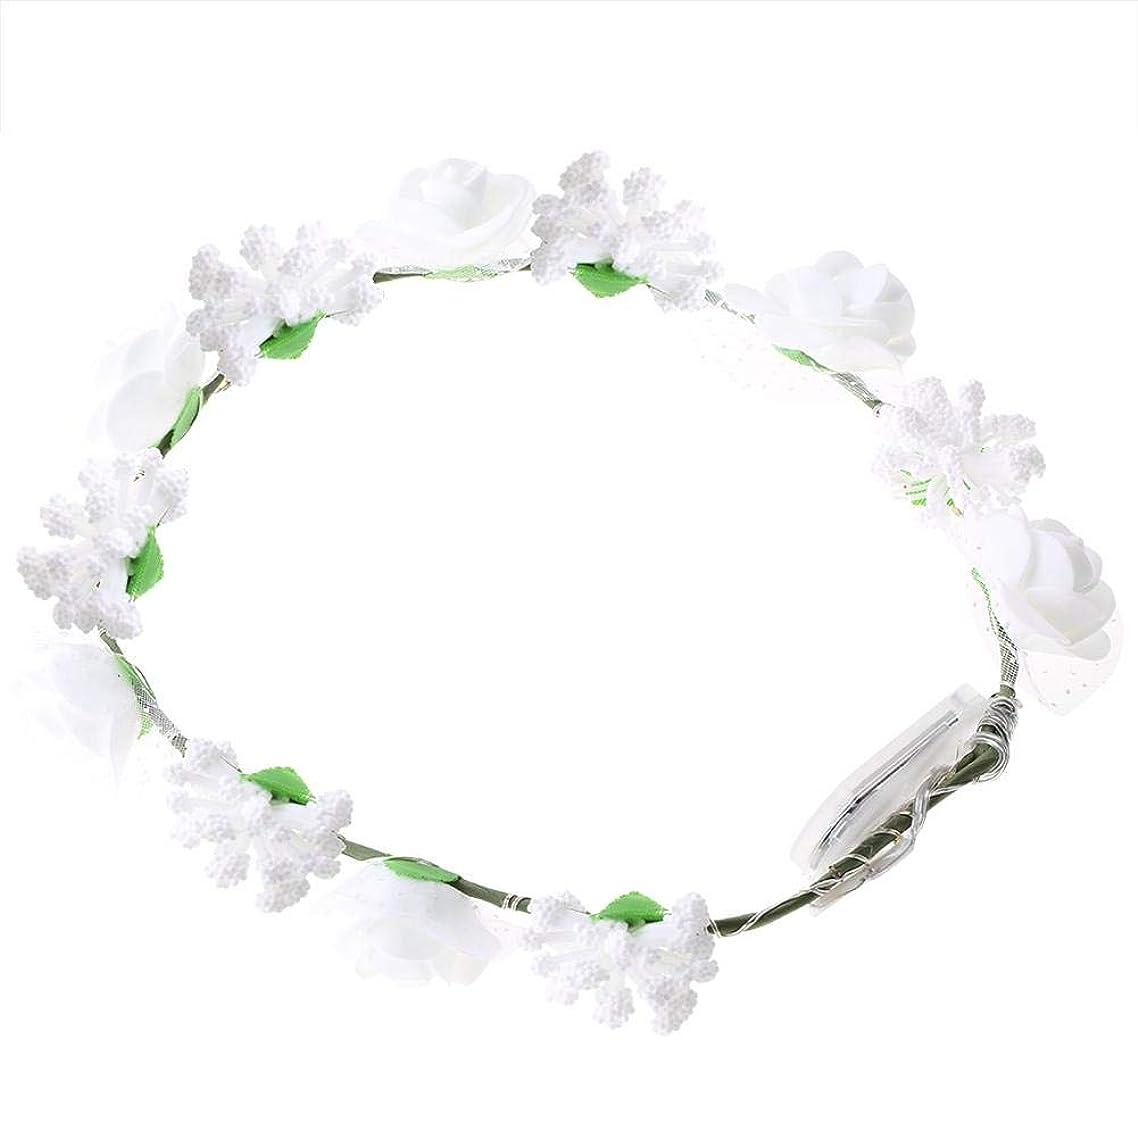 お気に入り所有者定義Semme LEDの花の王冠、照明髪の花輪耐久性のあるLEDローズ花ライト妖精照明髪の花輪ライトアップ花の冠(White)